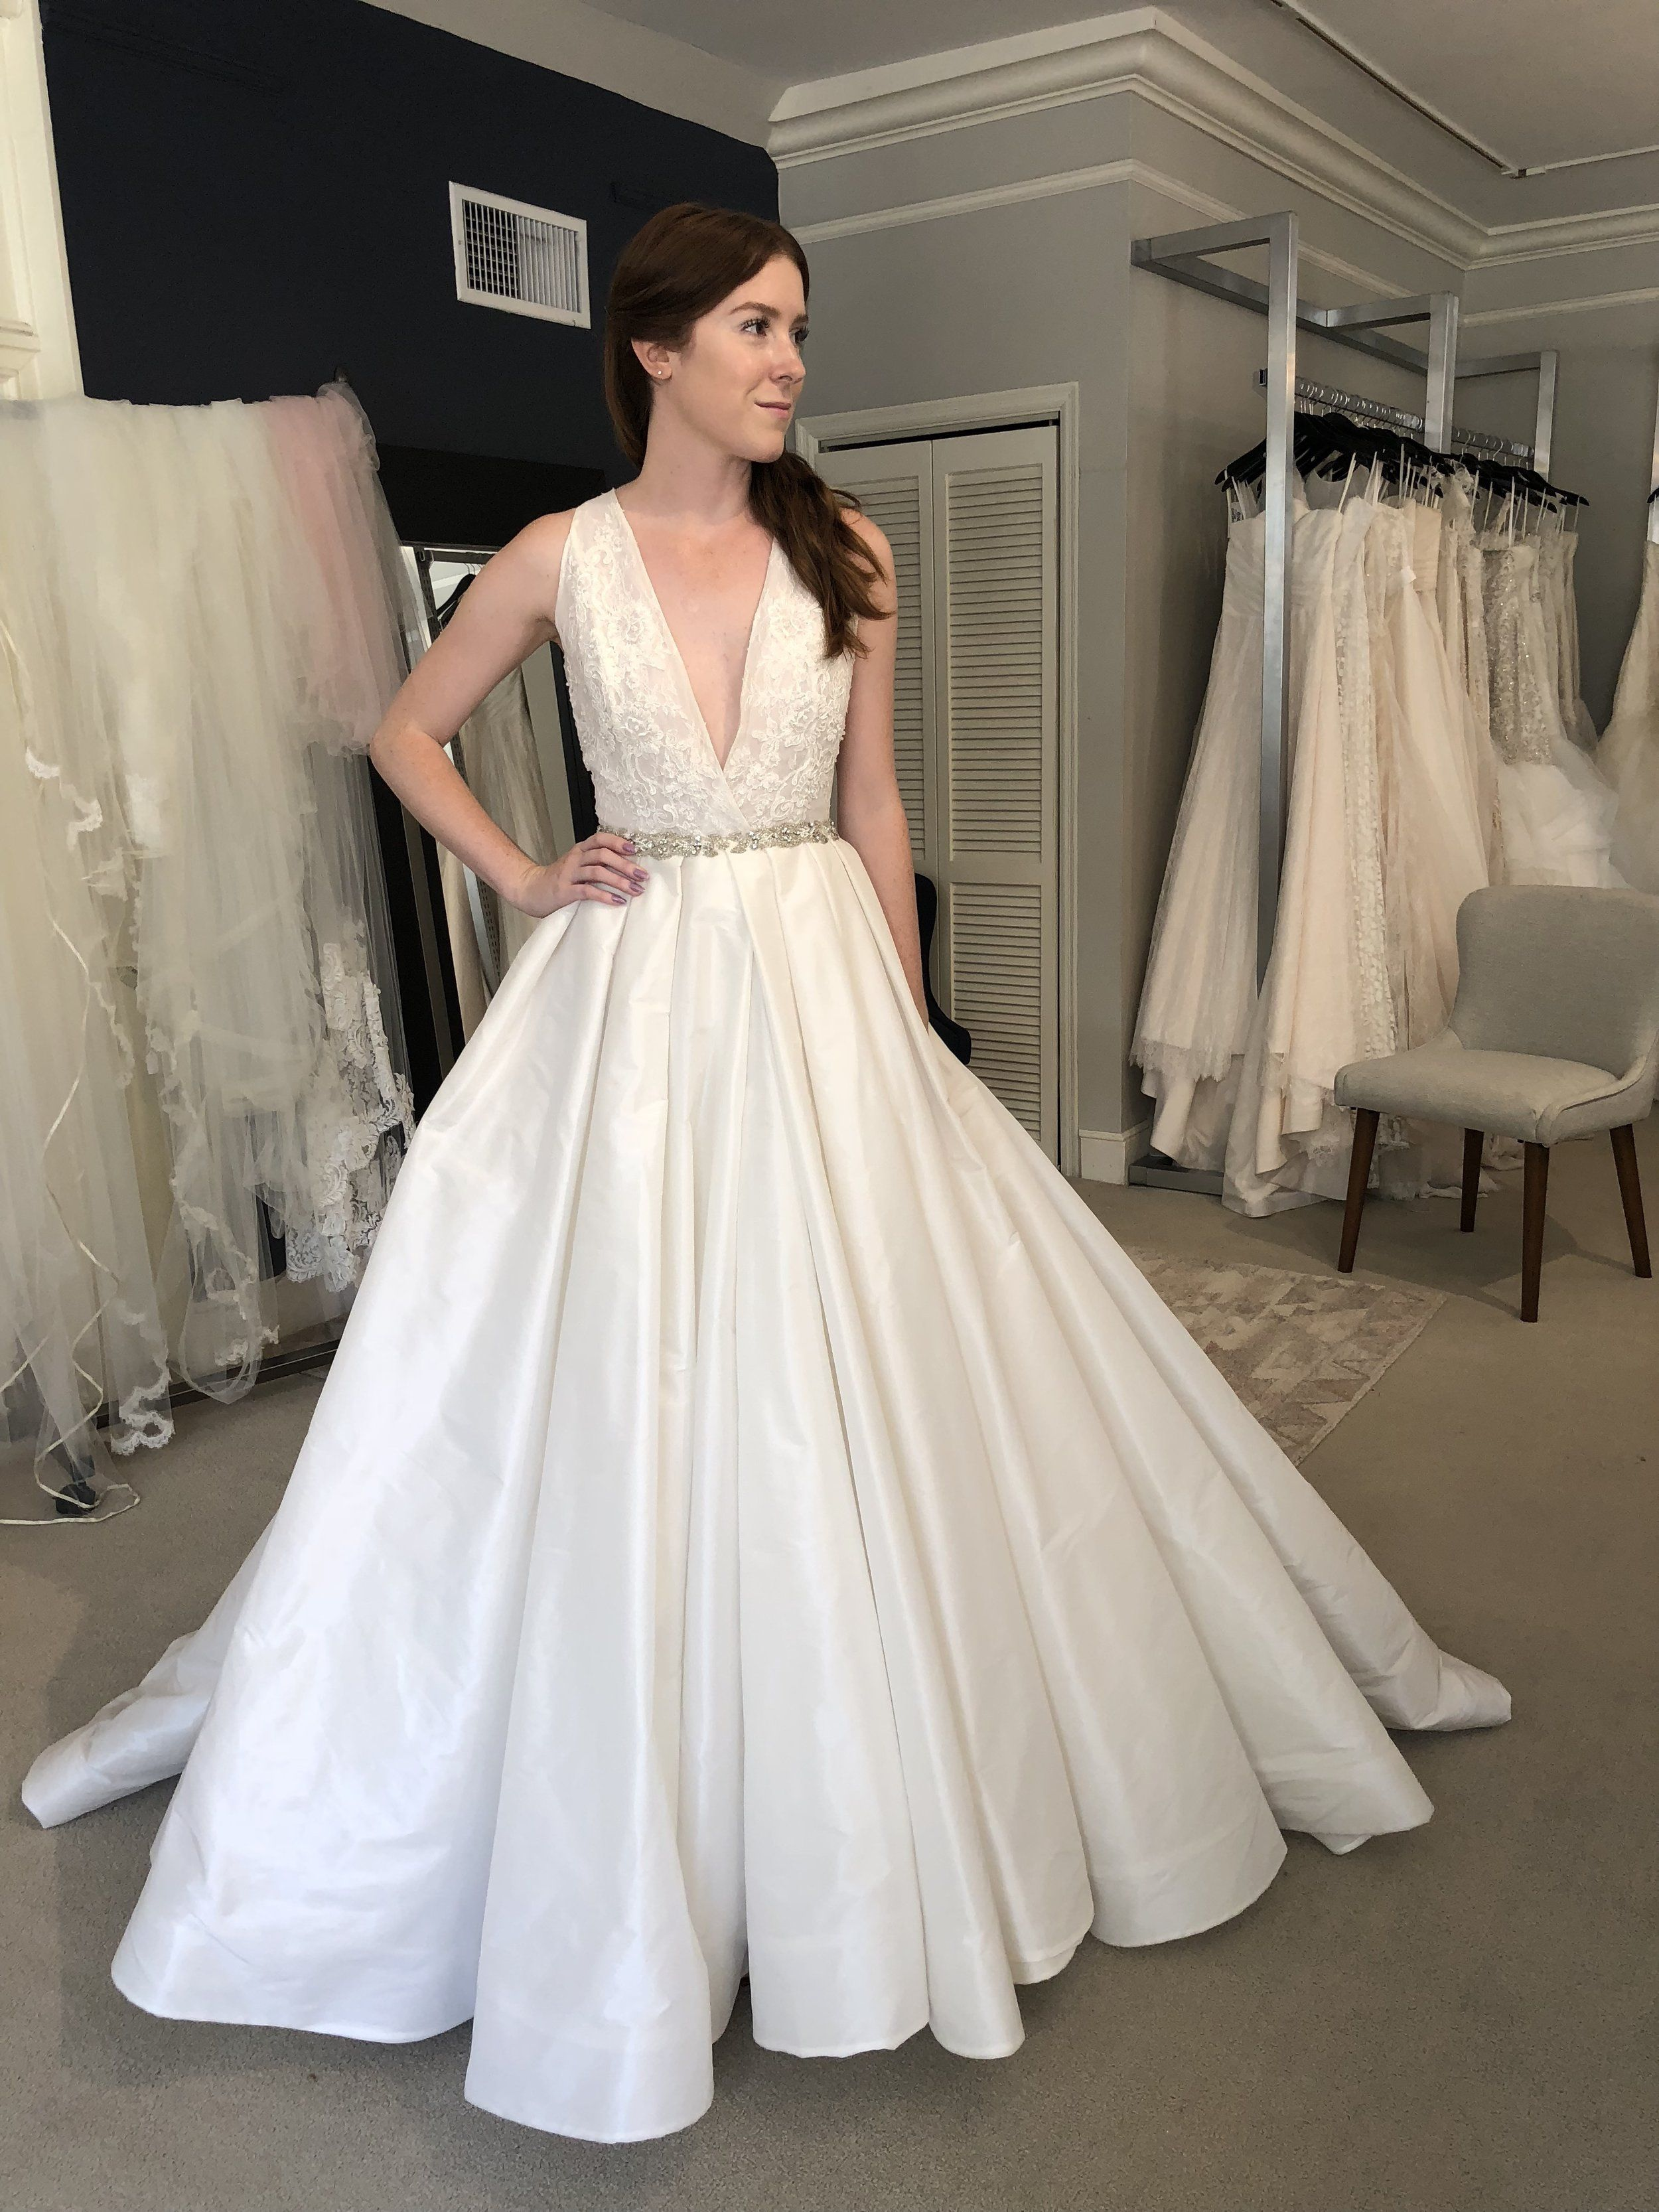 Bridal Dress for Less